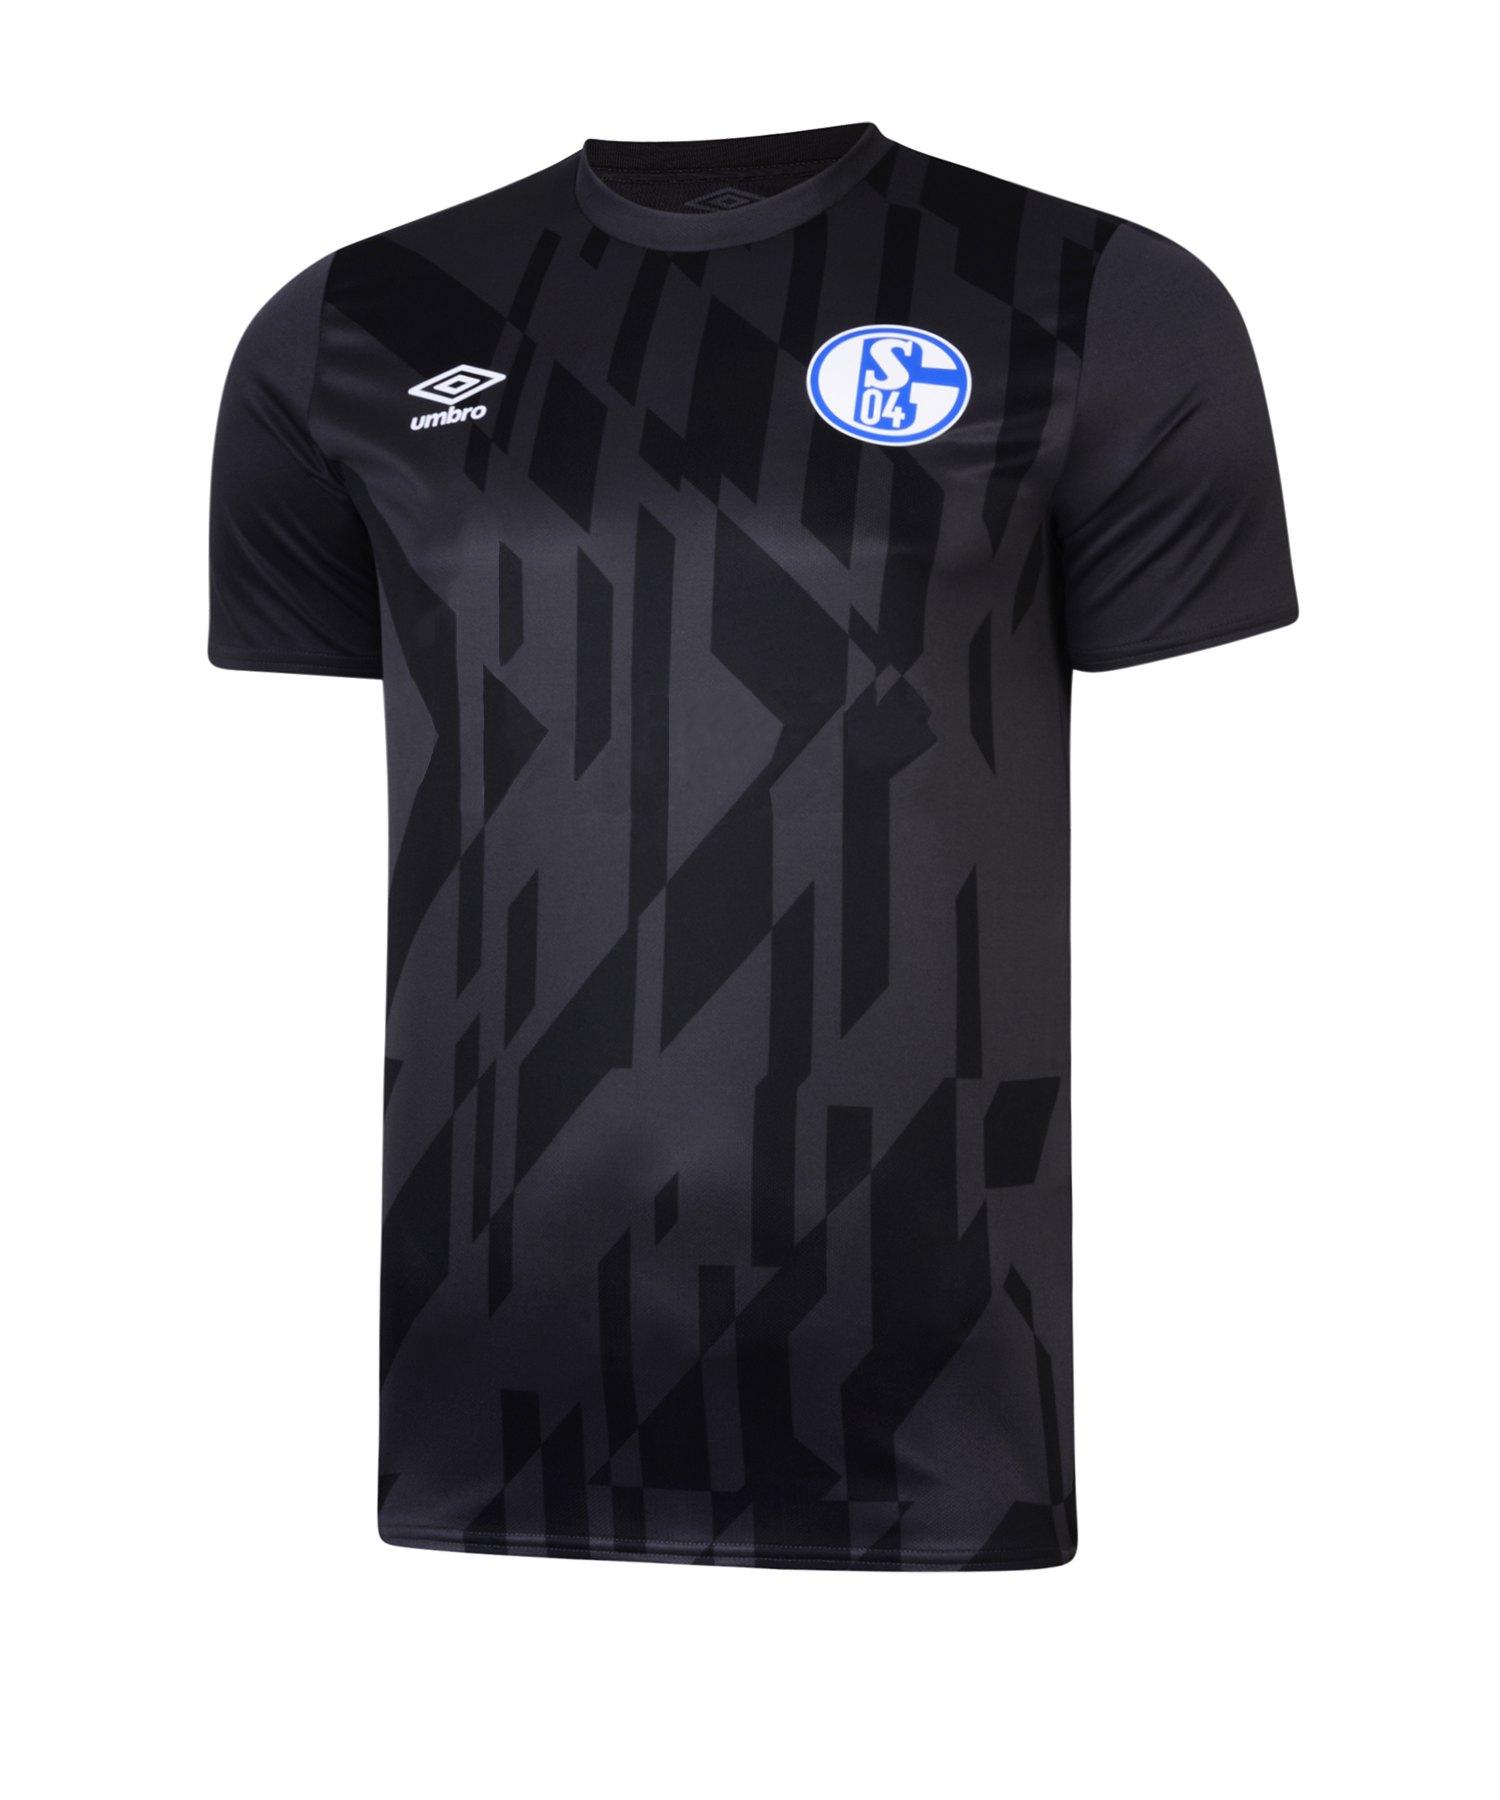 Umbro FC Schalke 04 Jersey Warm Up T-Shirt FFSW - schwarz